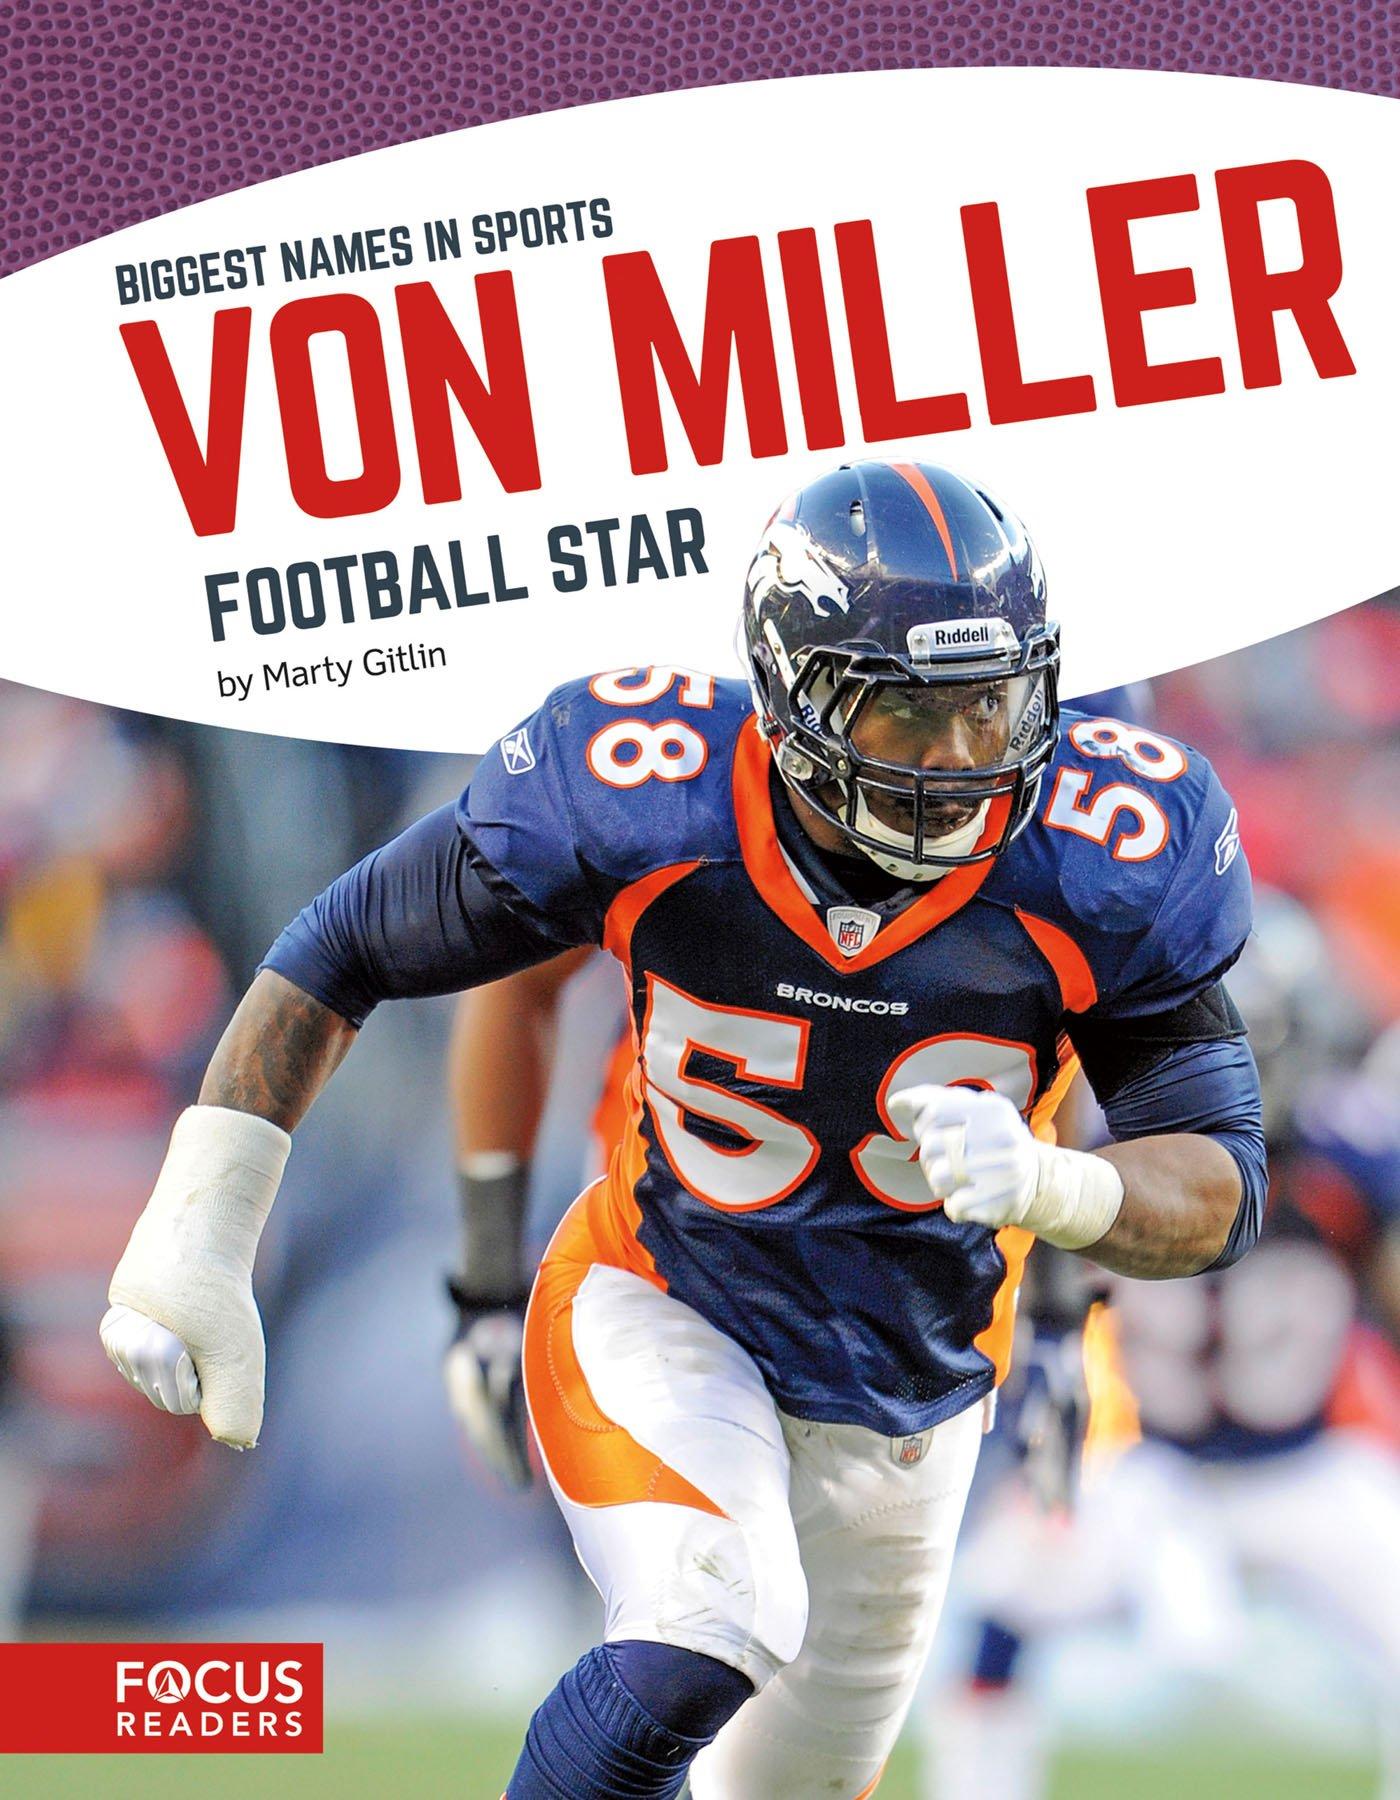 Von Miller (Biggest Names in Sports)